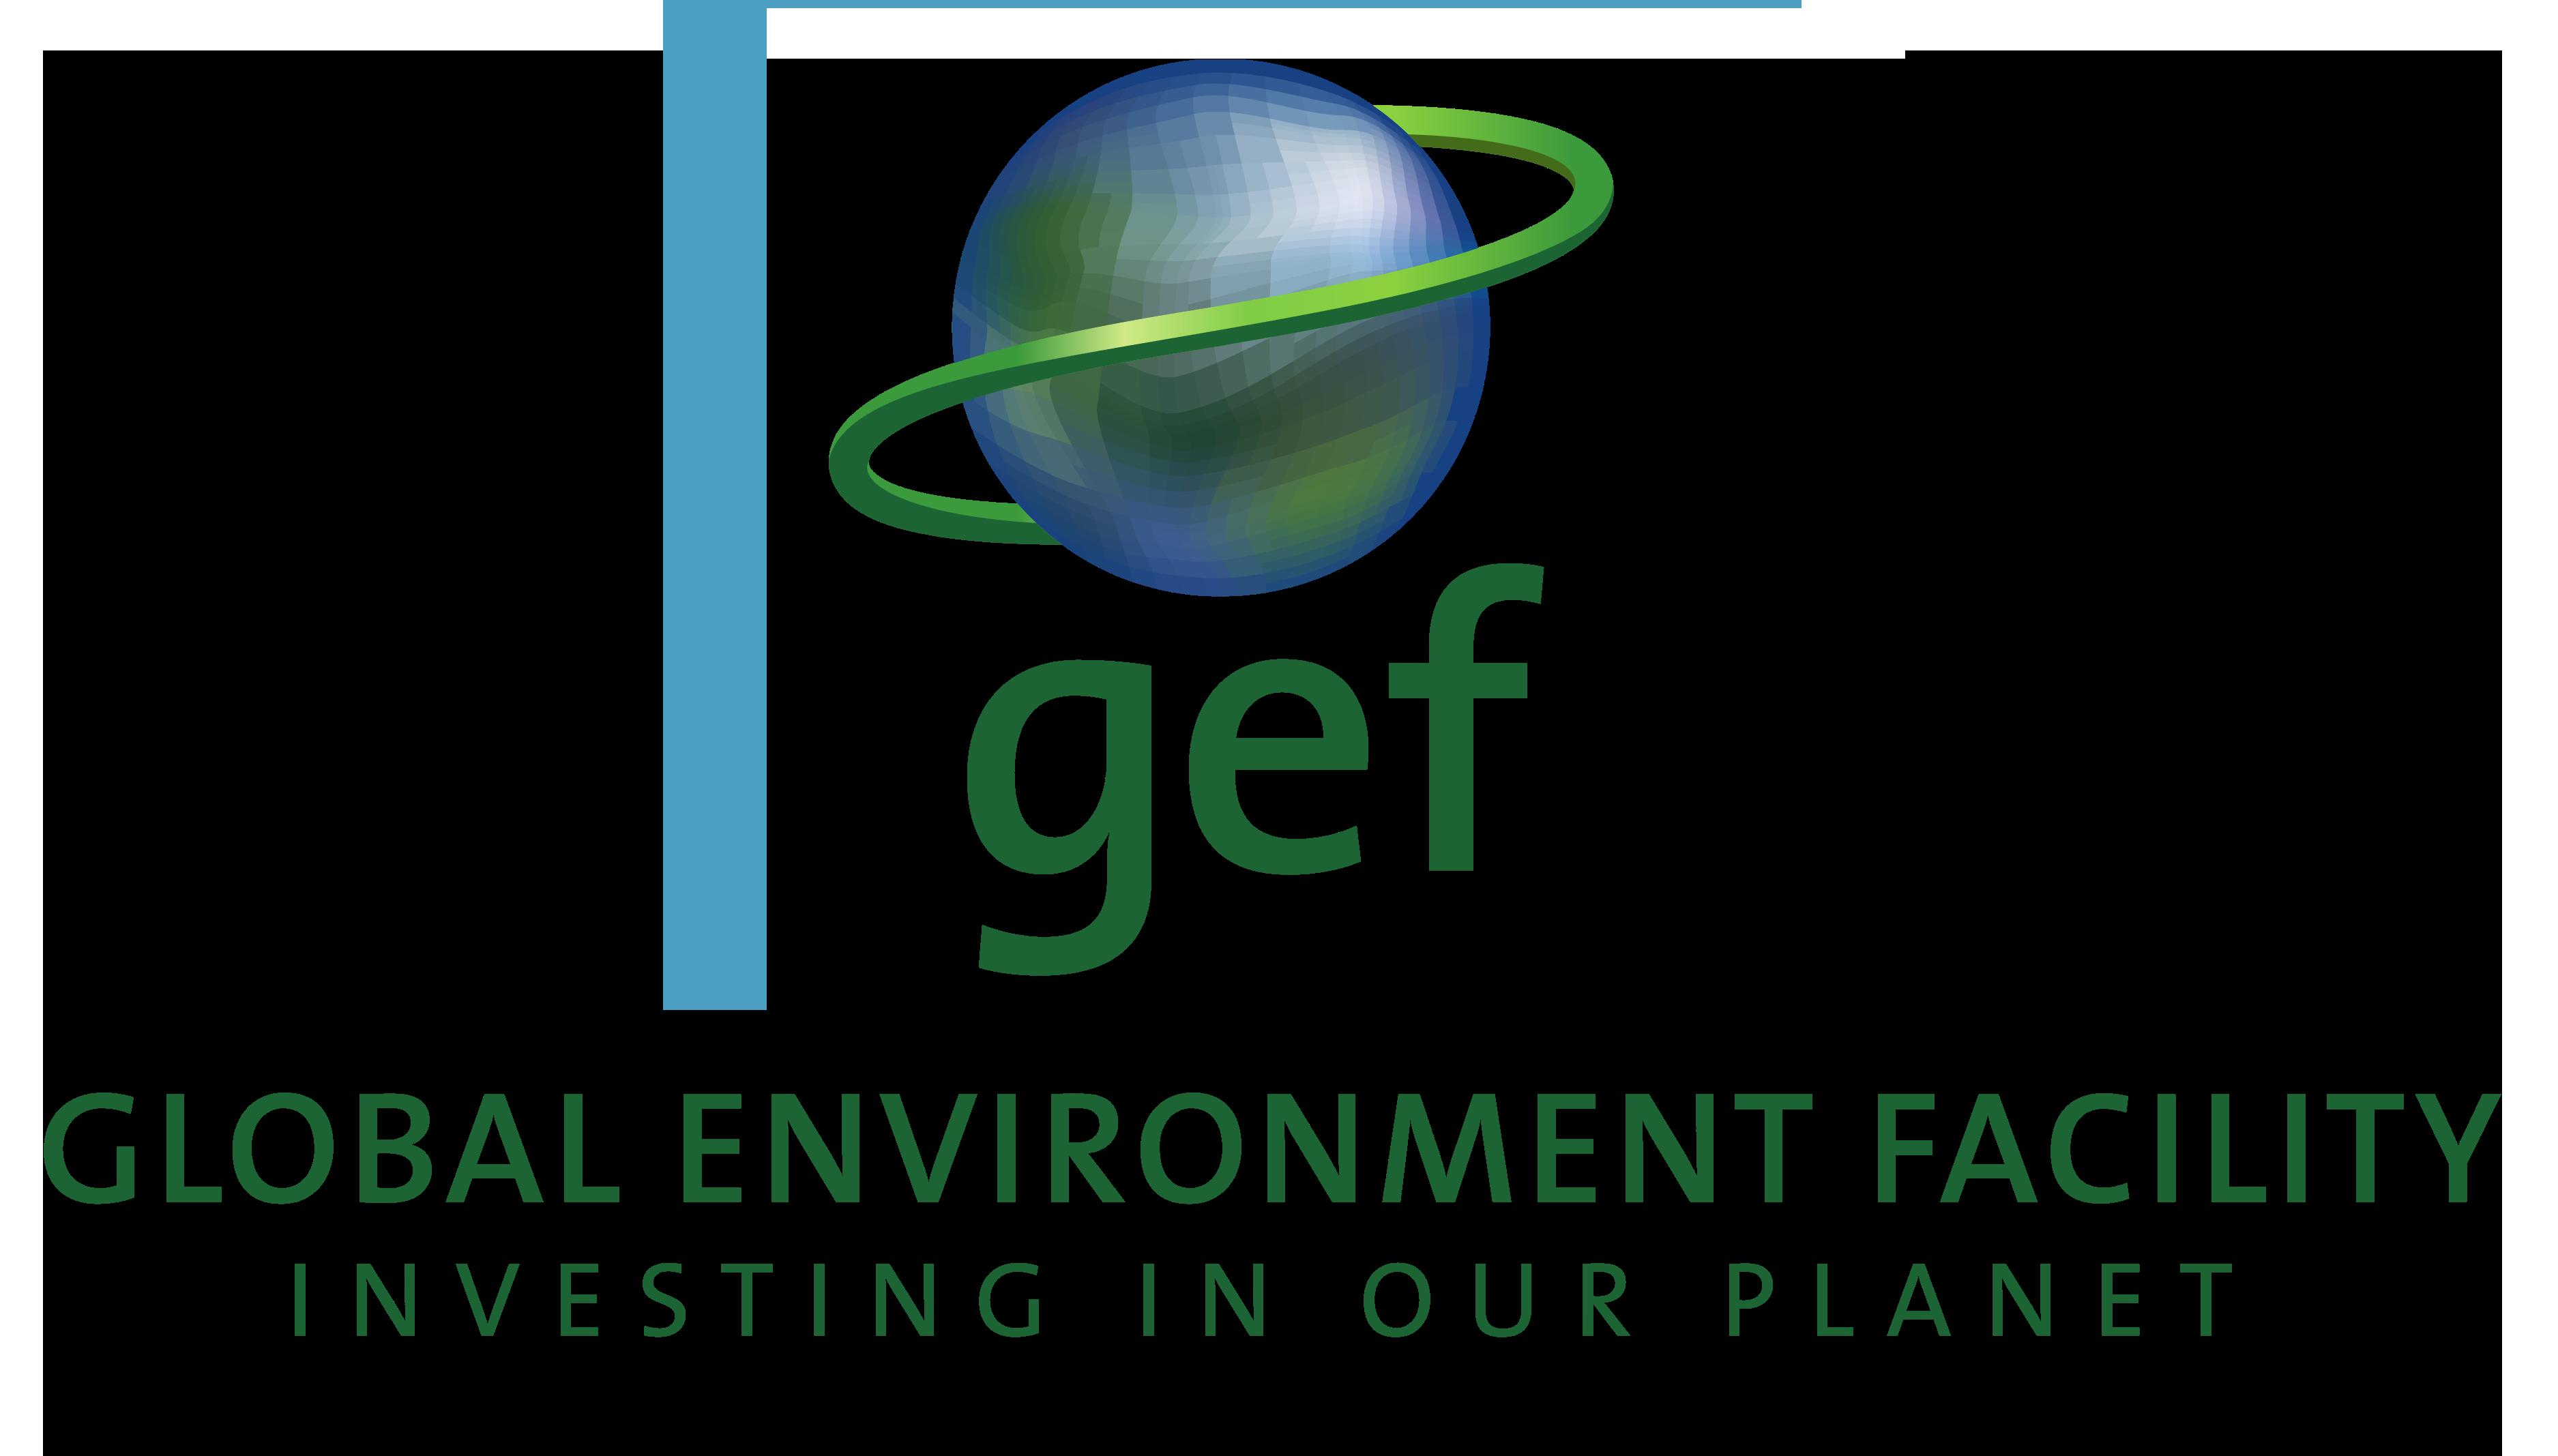 GEF – Logos Download